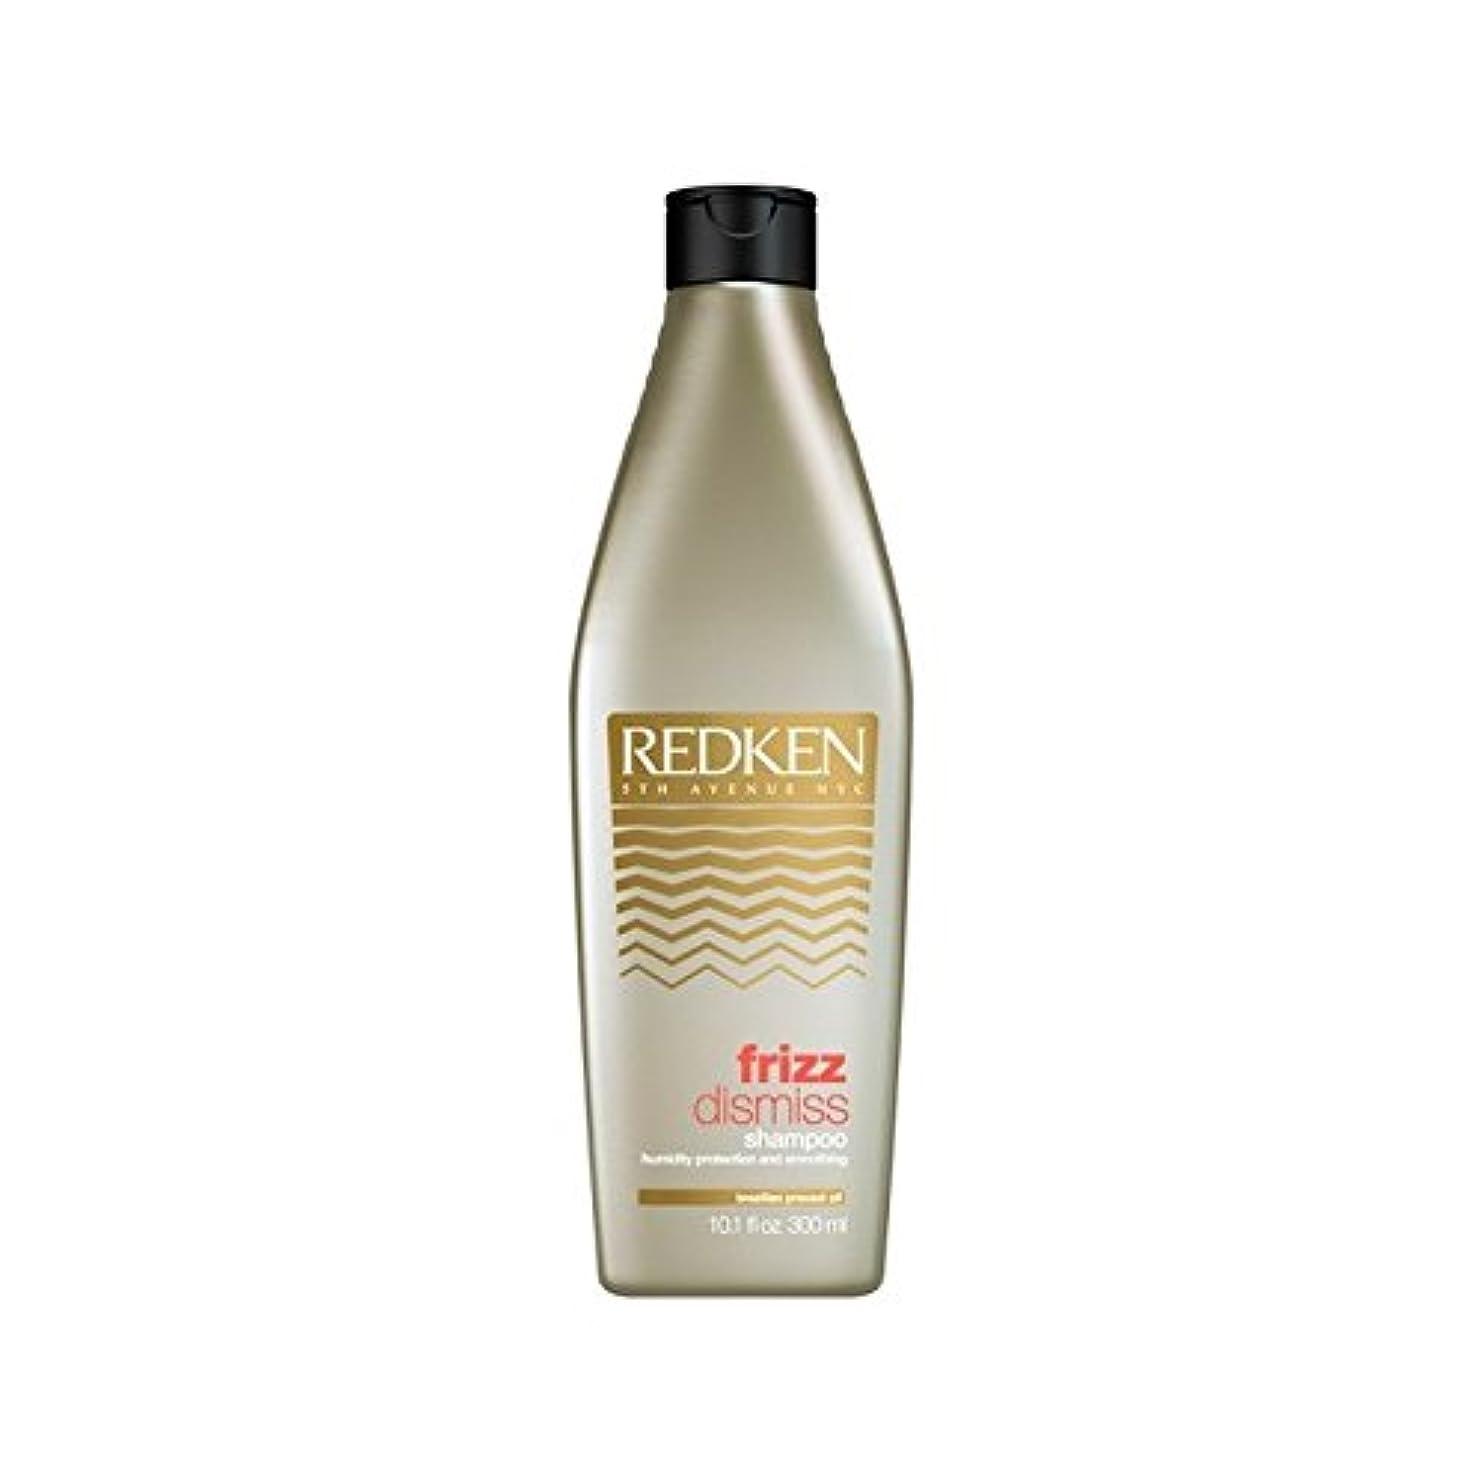 させる怒りインシュレータRedken Frizz Dismiss Shampoo (300ml) (Pack of 6) - レッドケン縮れシャンプー(300ミリリットル)を解任 x6 [並行輸入品]